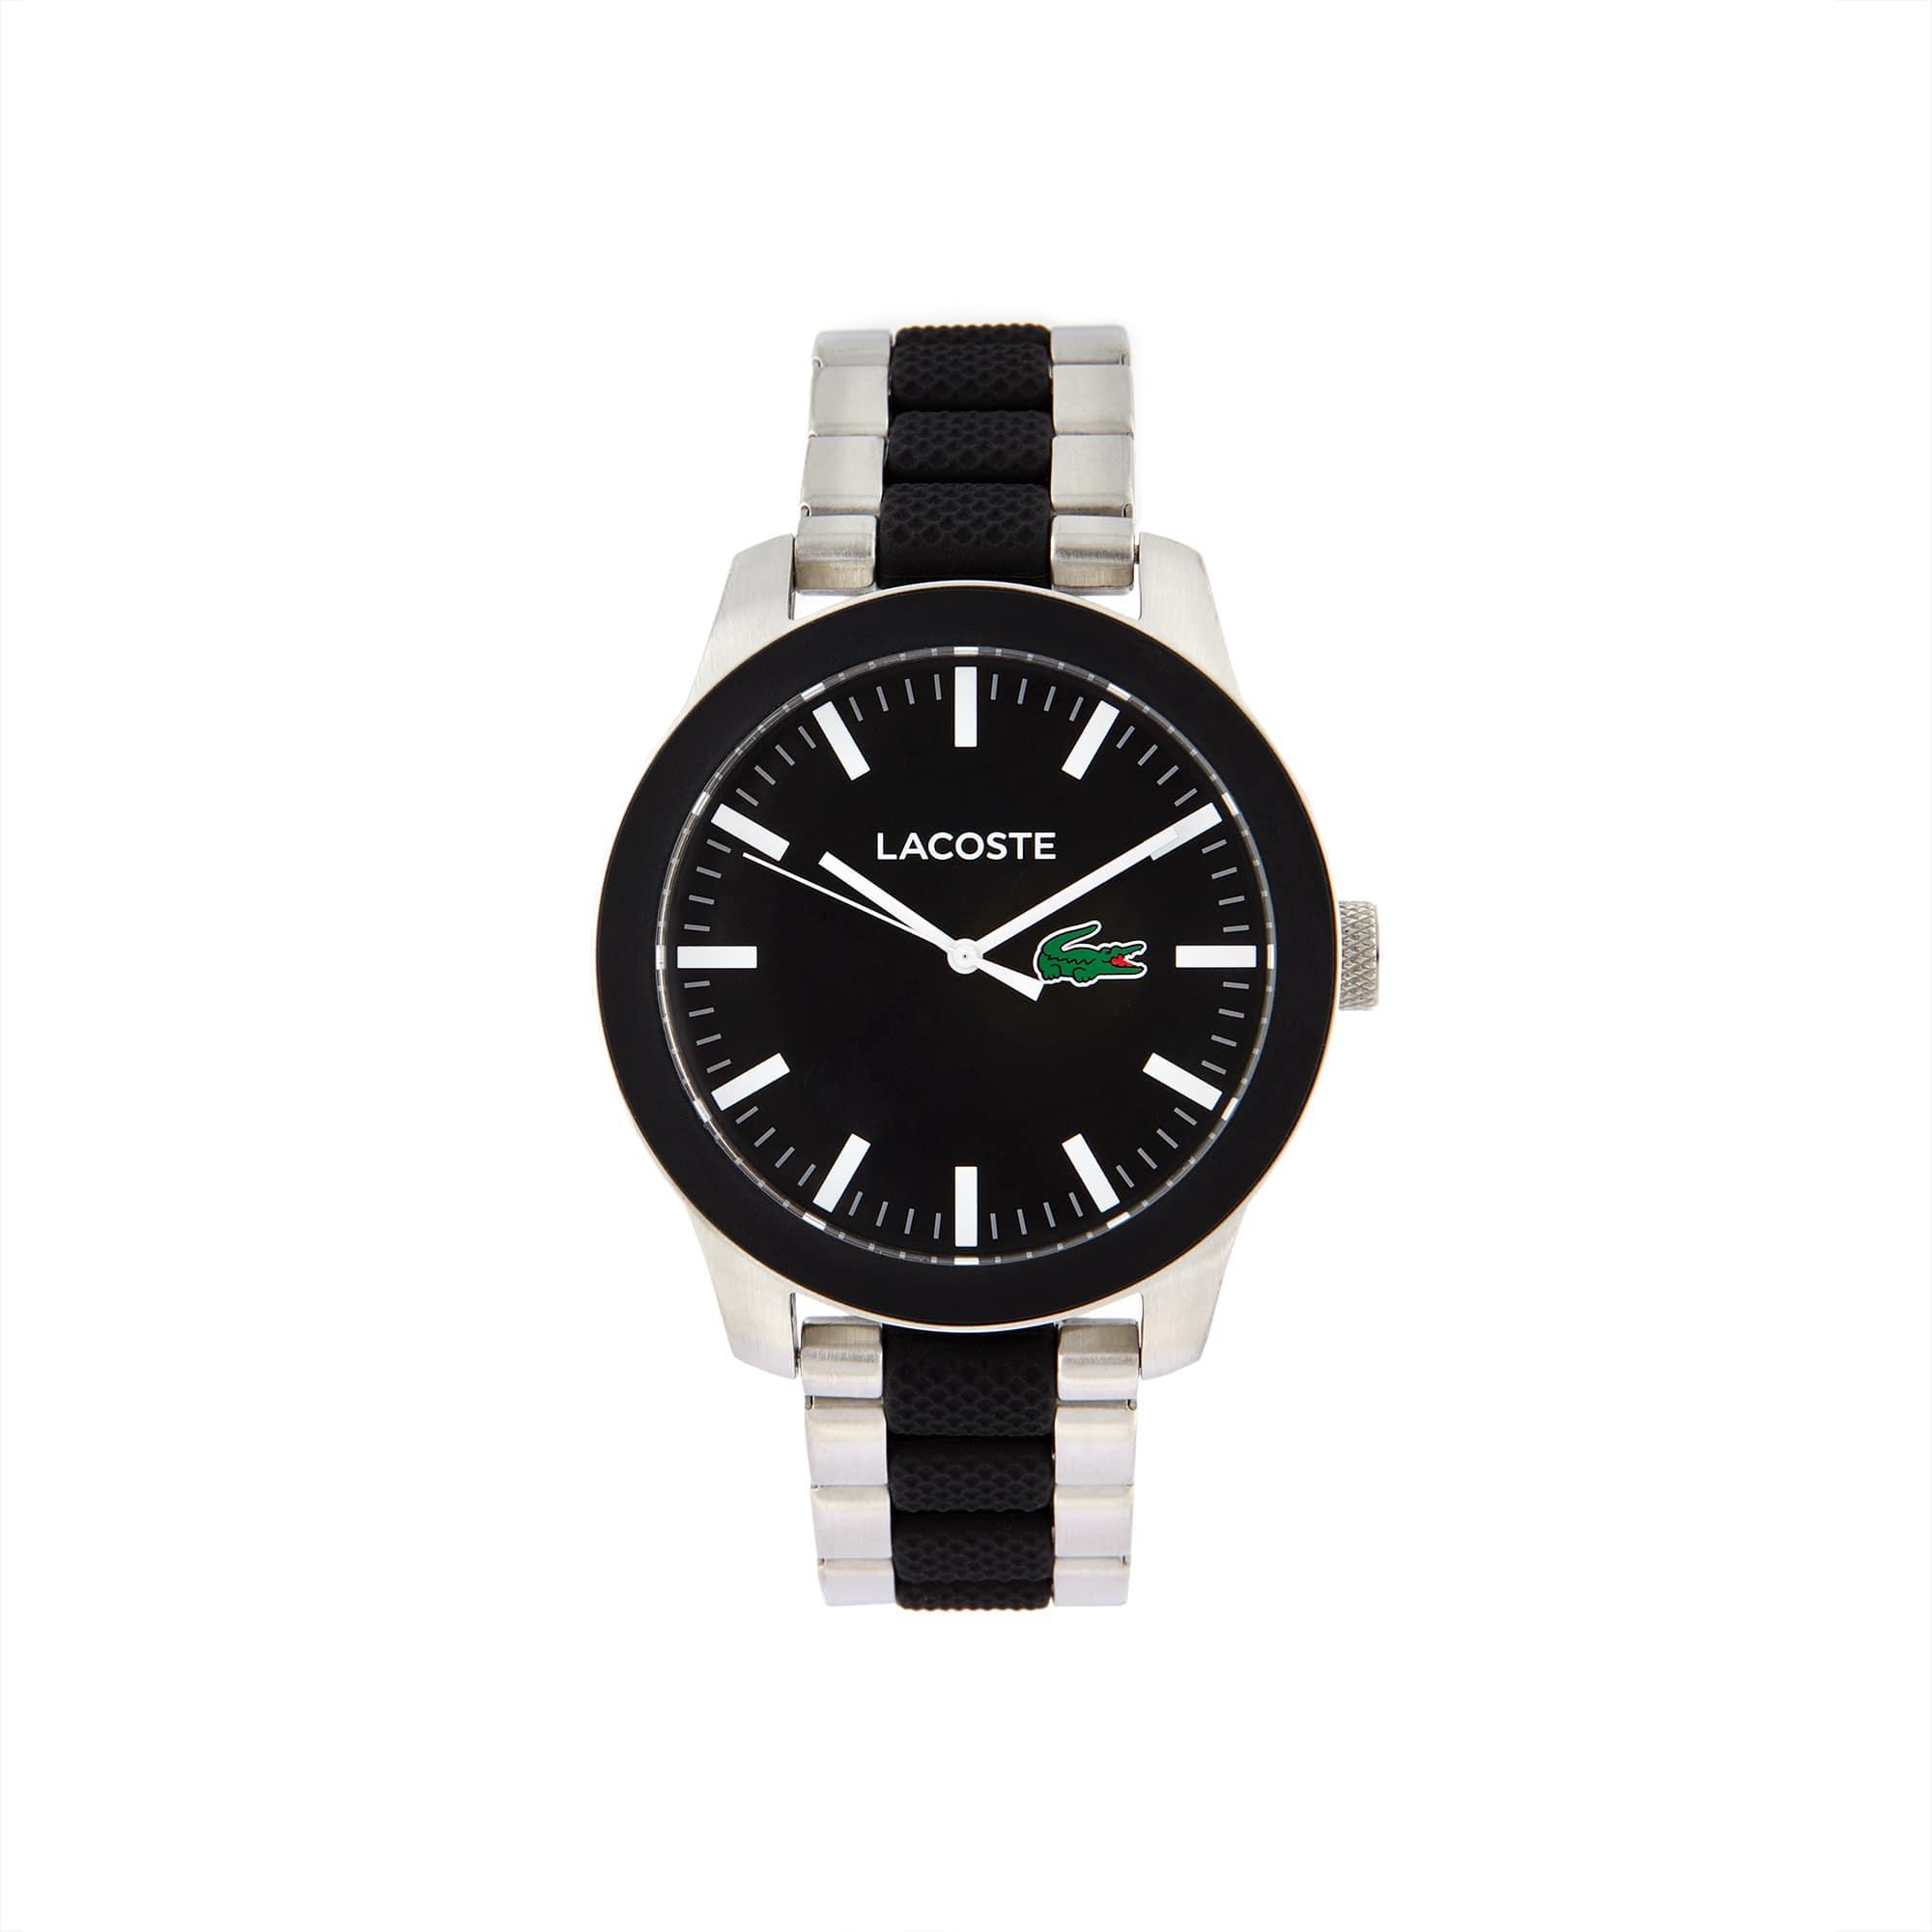 Relógio Lacoste 12.12 de homem com bracelete de aço inoxidável e silicone preto de dois materiais